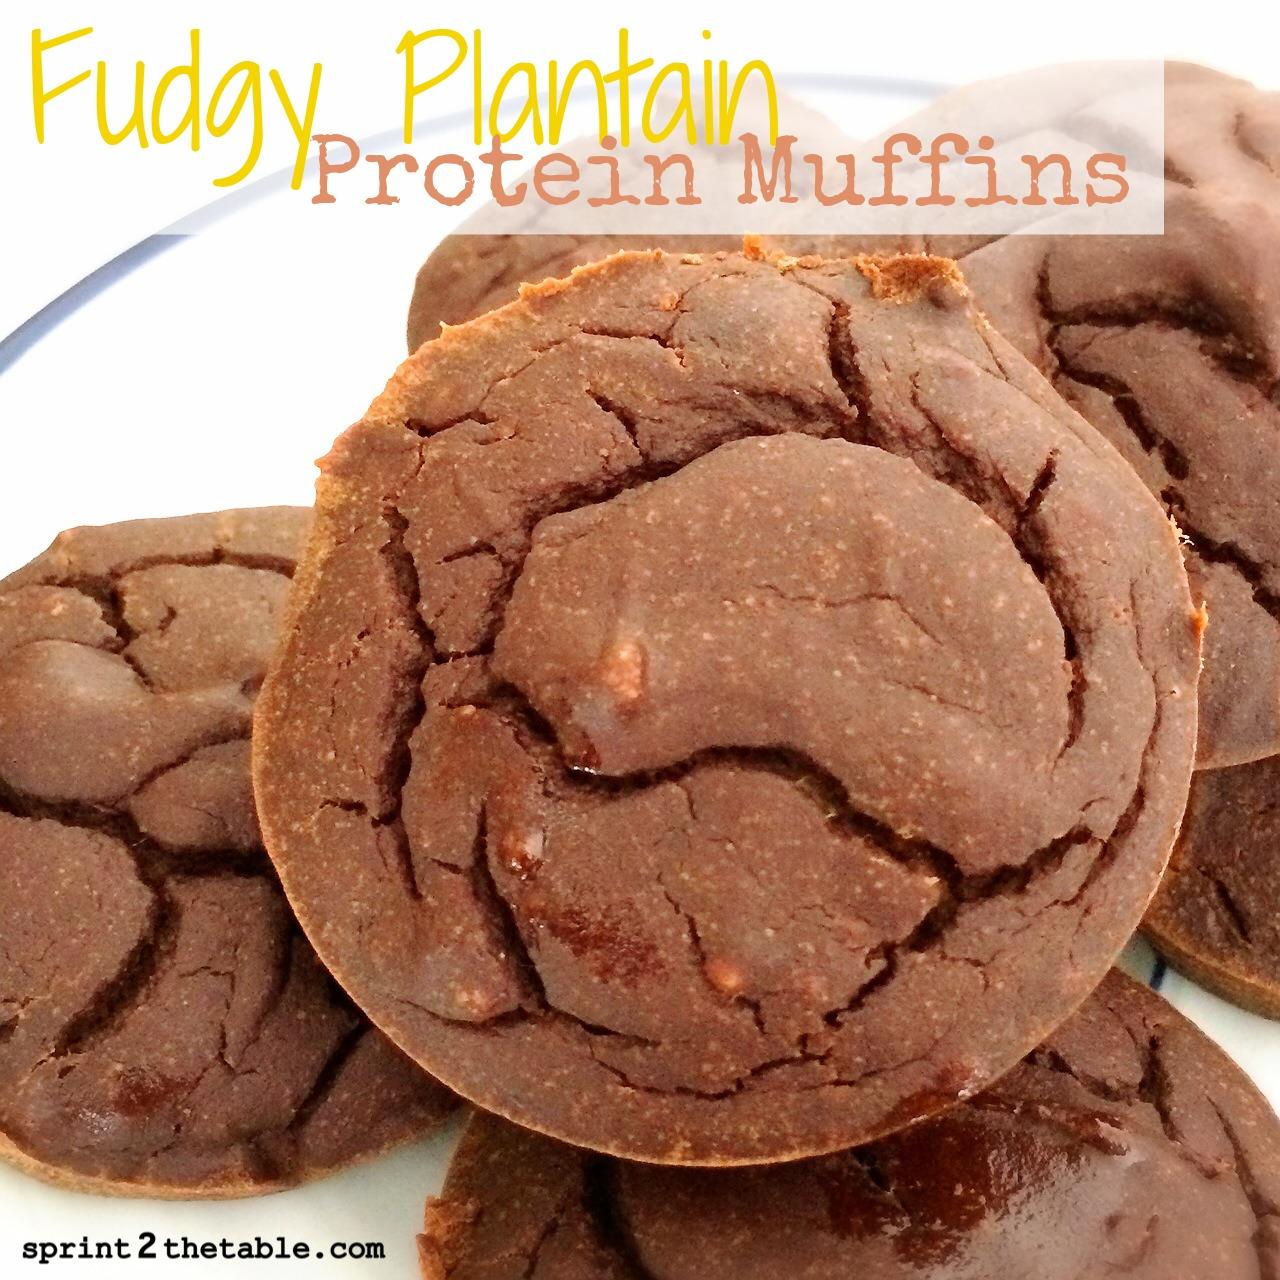 Fudgy Plantain Protein Muffins.jpg